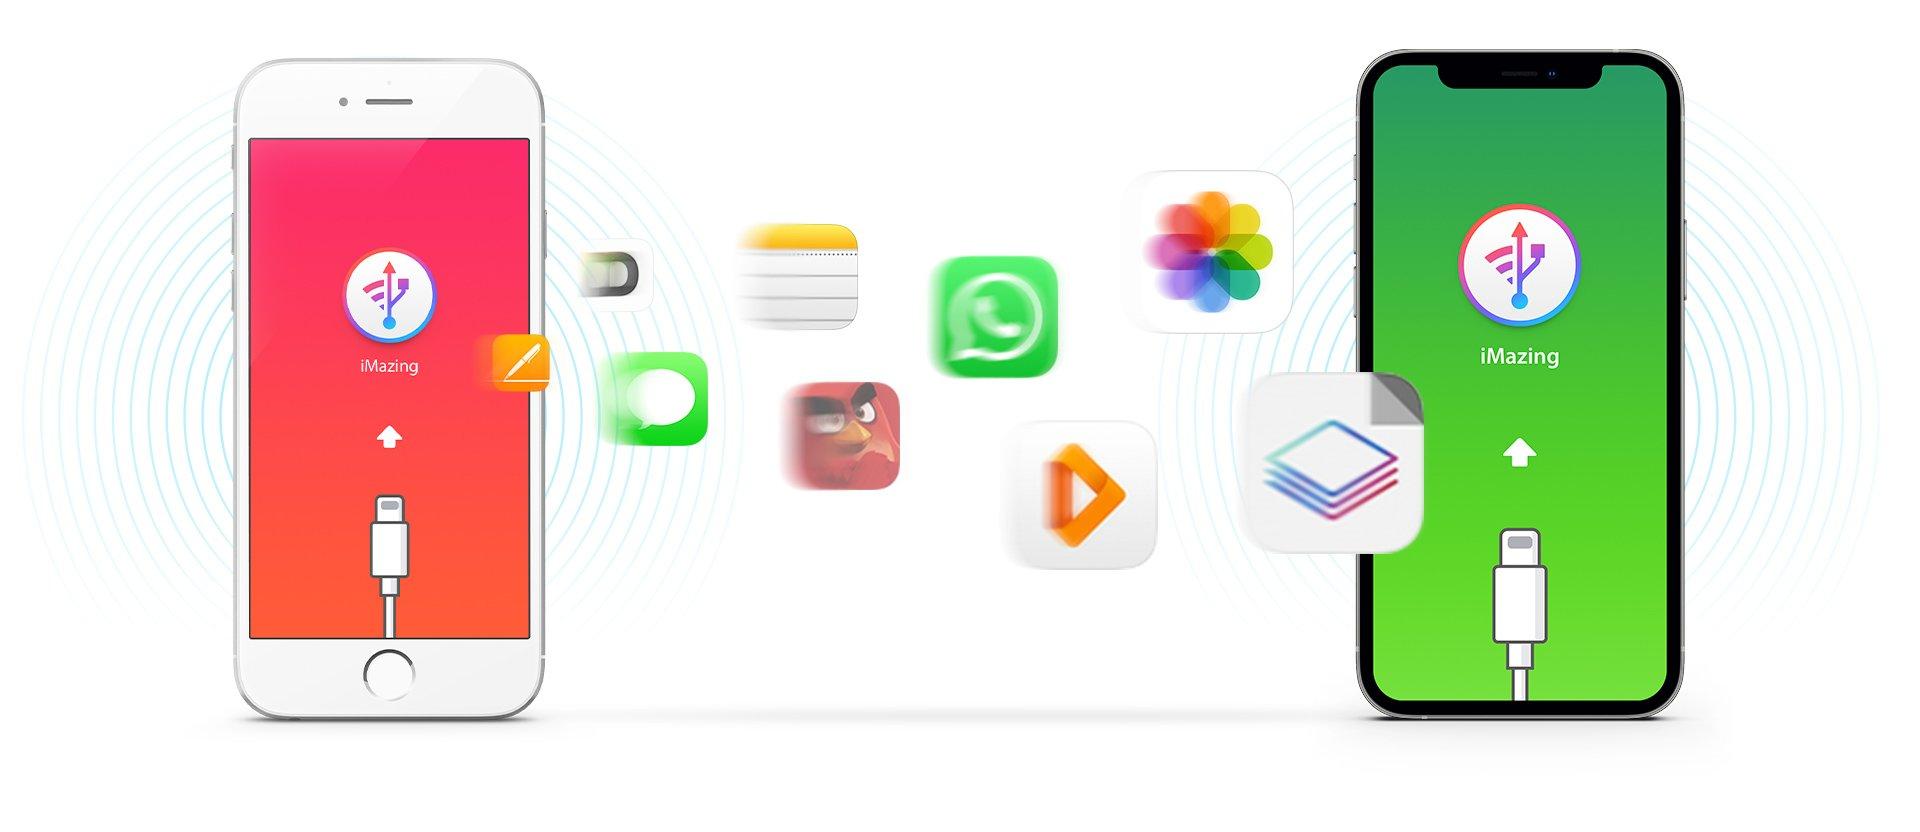 iMazing 2.7.1 Mac 破解版 – 优秀的iOS设备管理工具-麦氪派(WaitsUn.com | 爱情守望者)